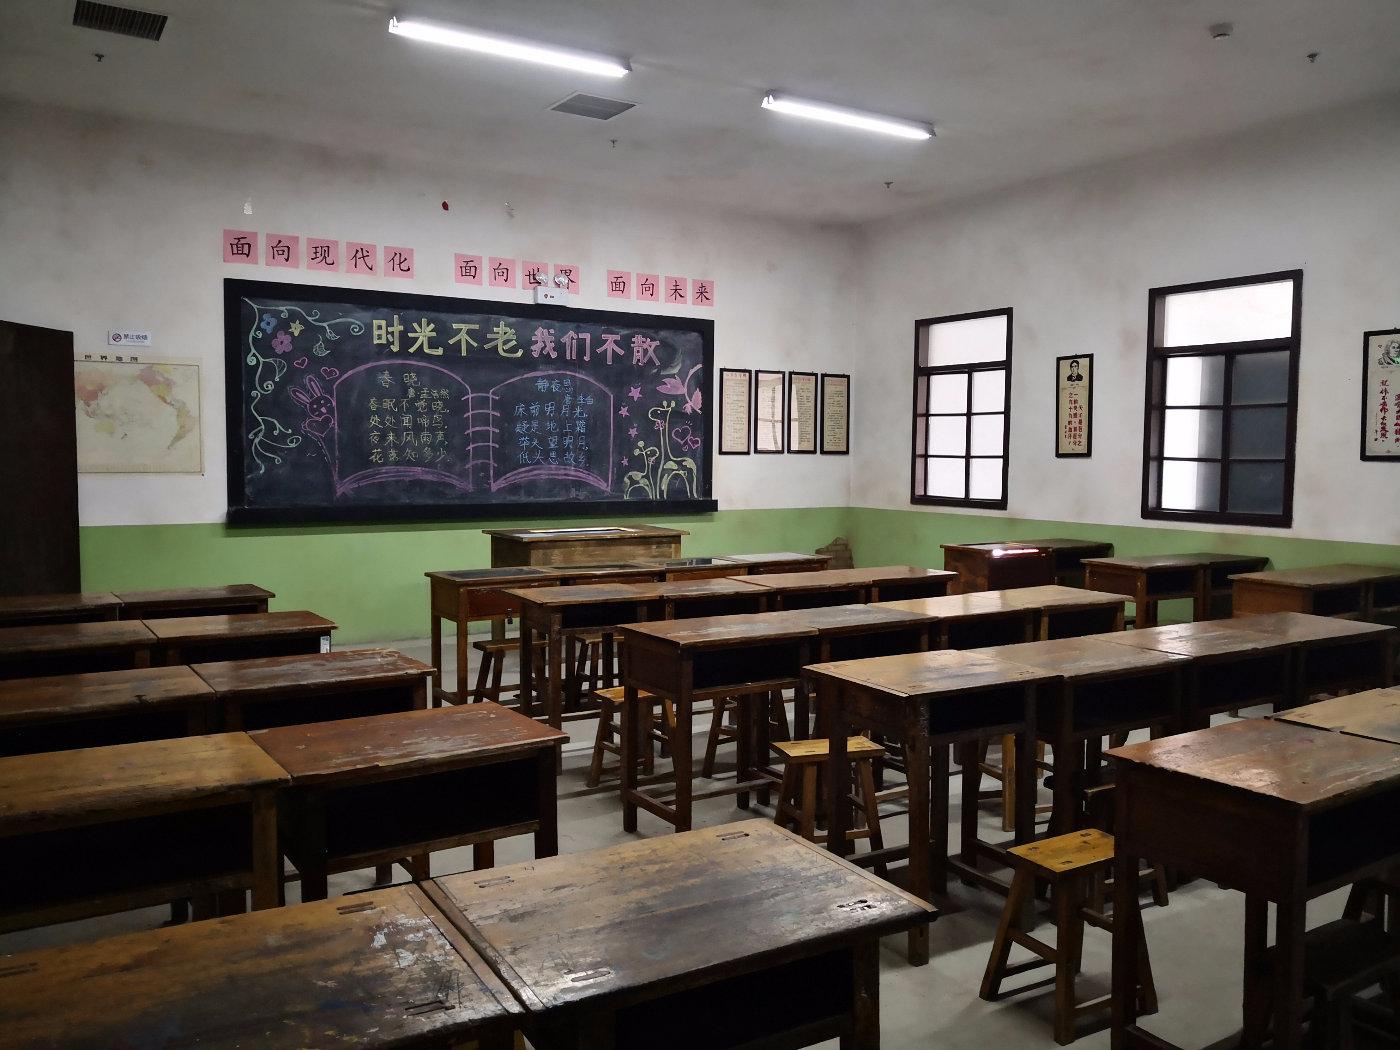 小教室 大变迁